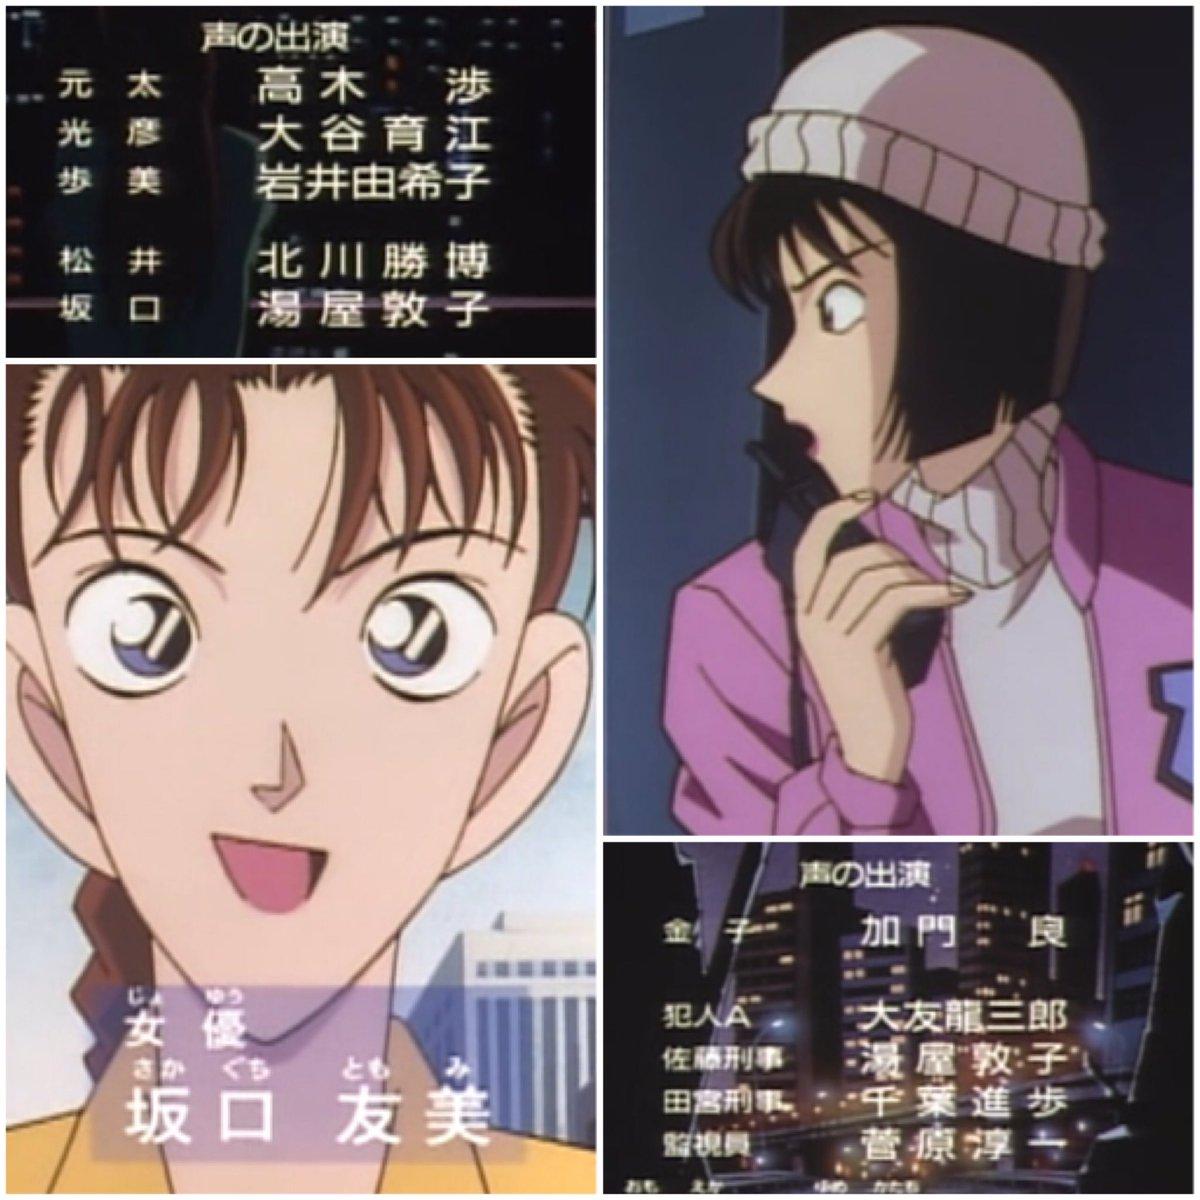 佐藤刑事役の湯屋さん。63話 大怪獣ゴメラ殺人事件で女優坂口さん役で登場。セリフで「主役の女刑事役」を次に演じる、と話し